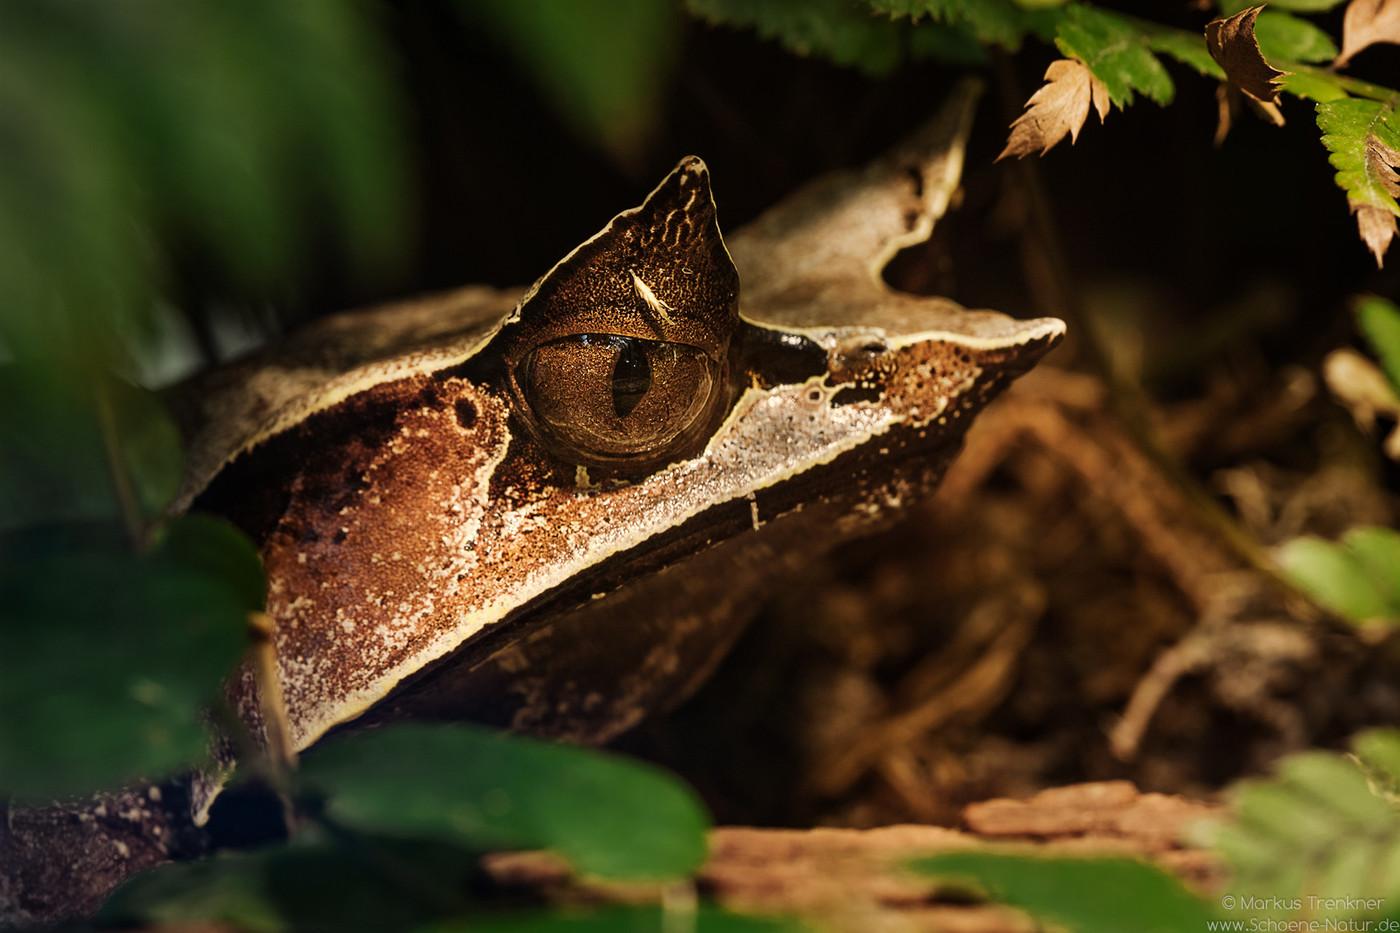 Asiatischer Zipfelfrosch [Megophrys nasuta]